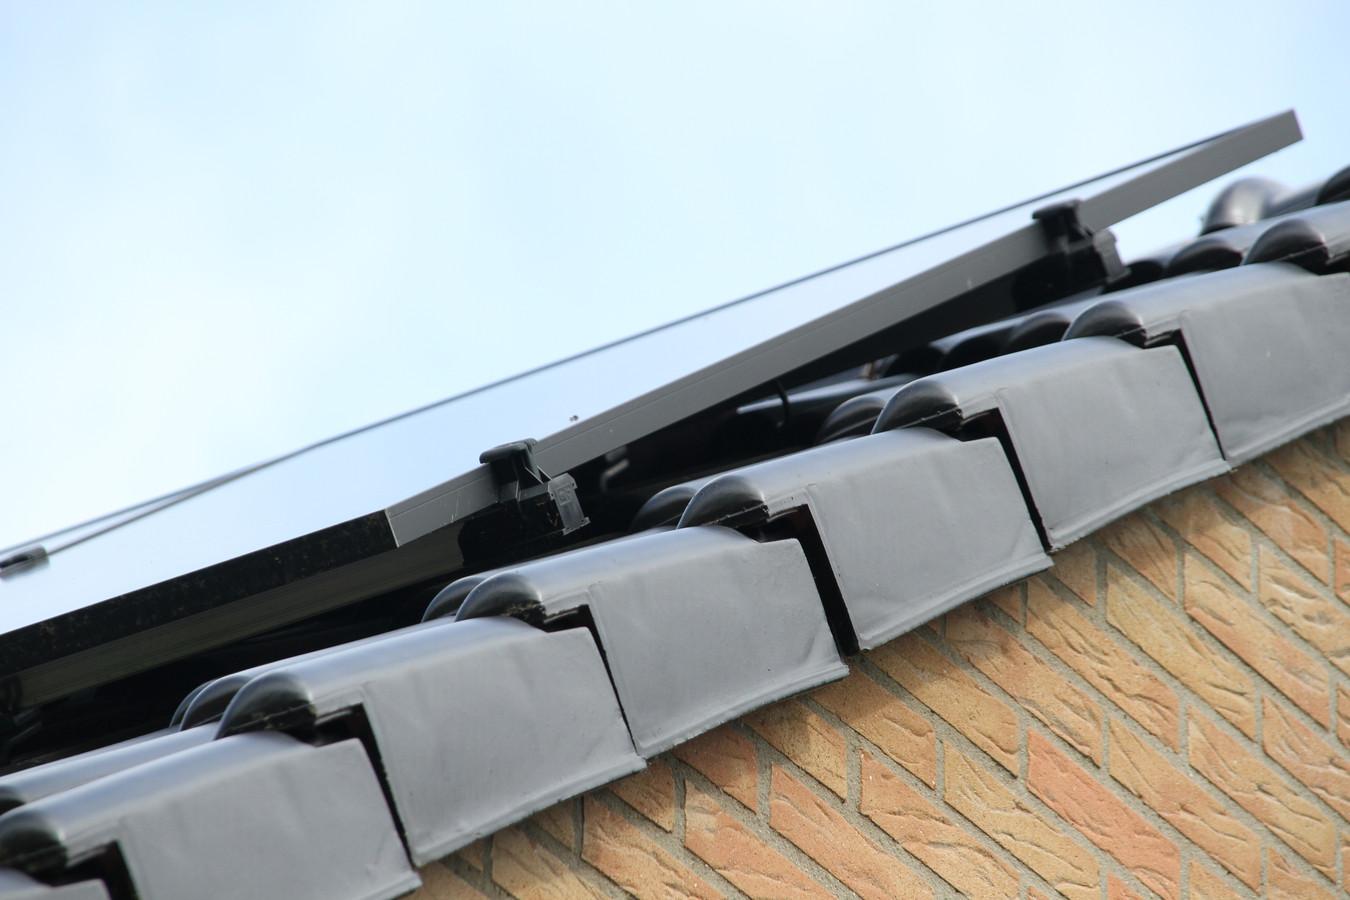 De duif zat geruime tijd vast onder de zonnepanelen op het dak.